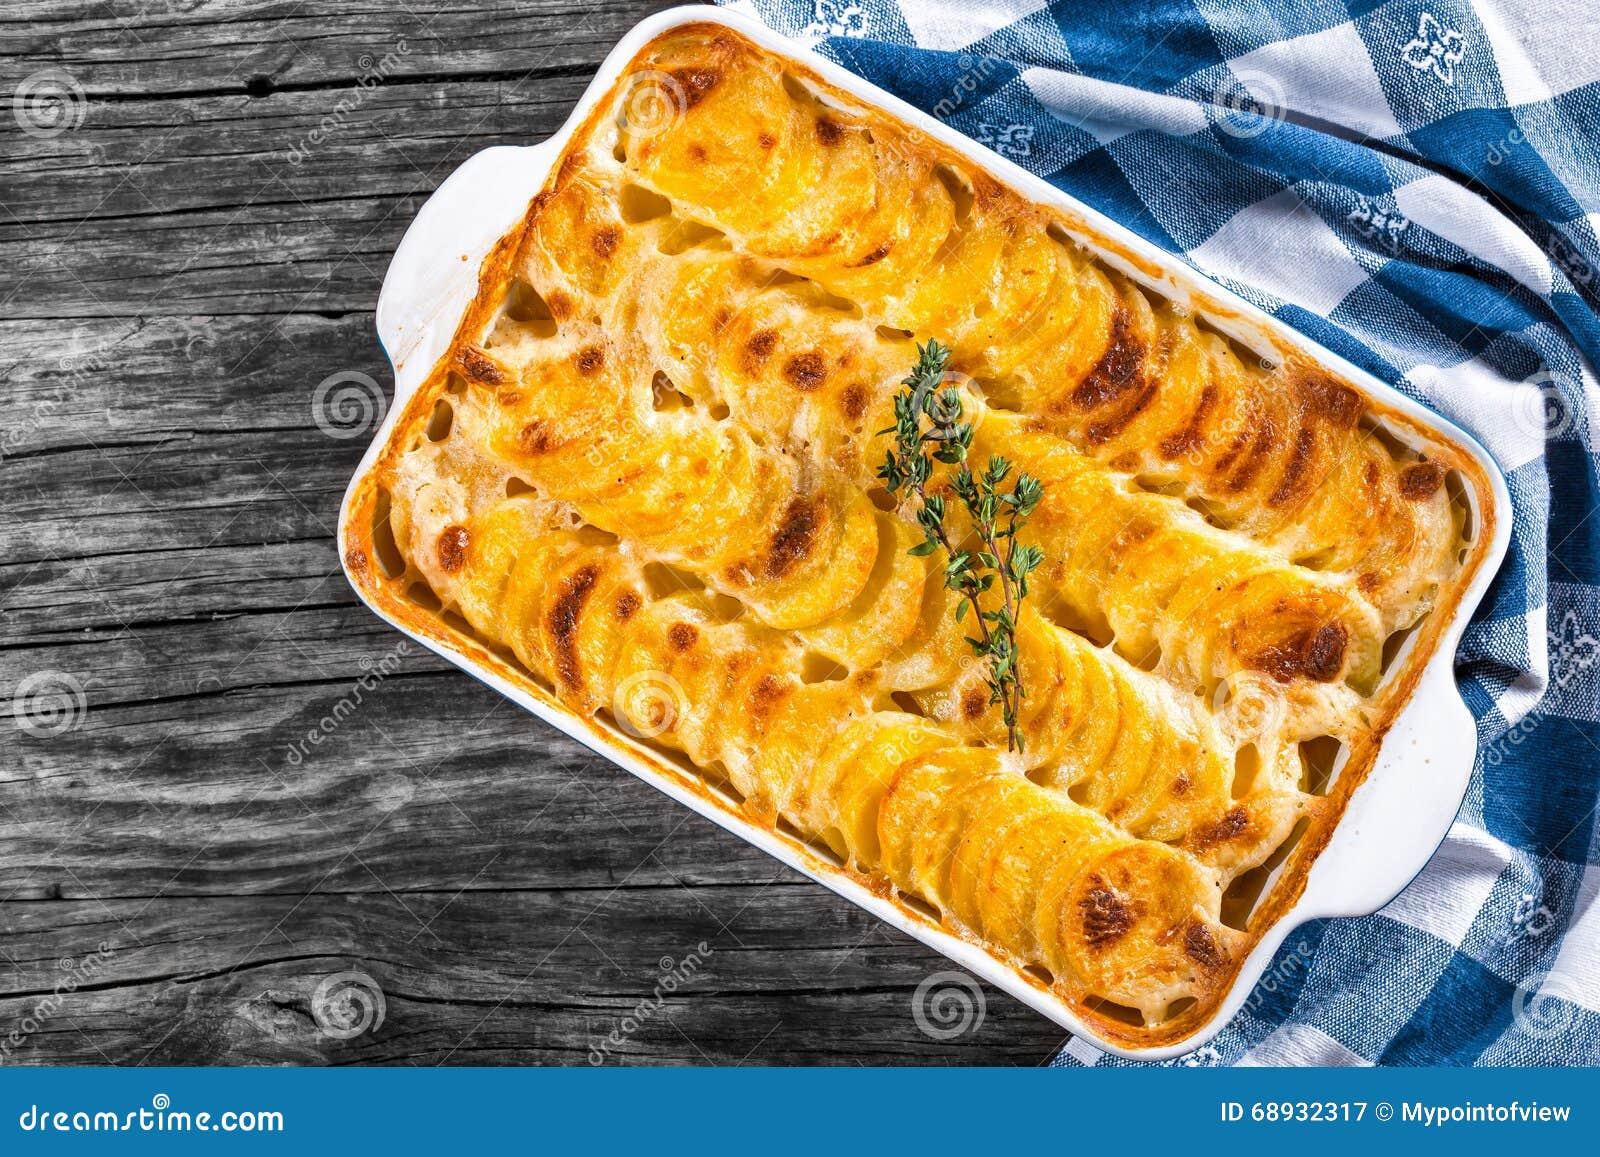 Le gratin Dauphinois, pommes de terre d Au a fait cuire au four dans un plat de cuisson, plan rapproché